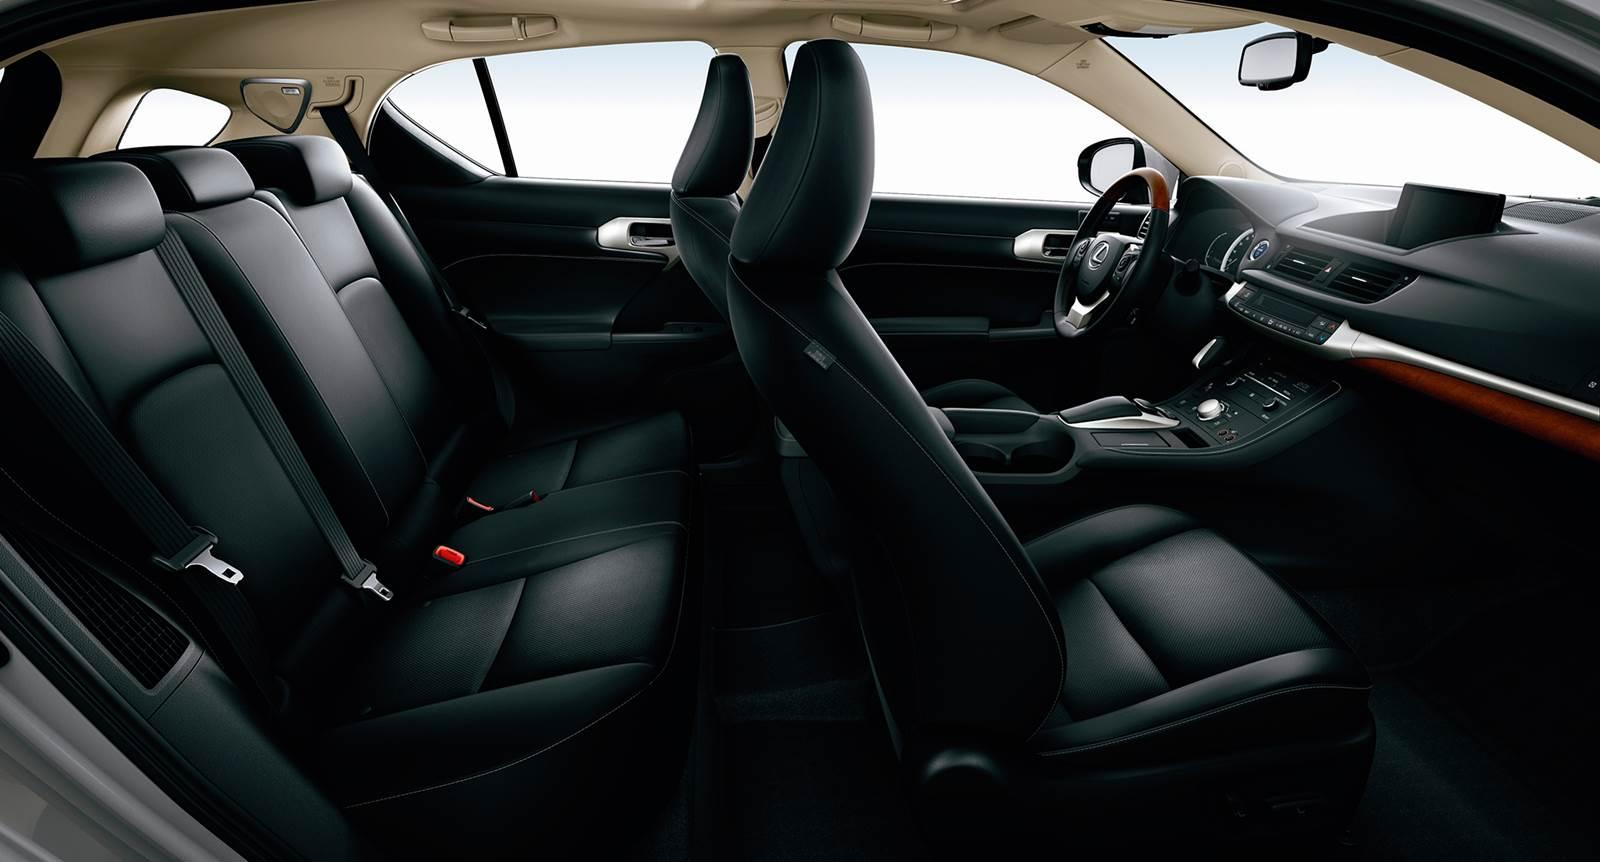 Lexus CT 200h Brasil - interior